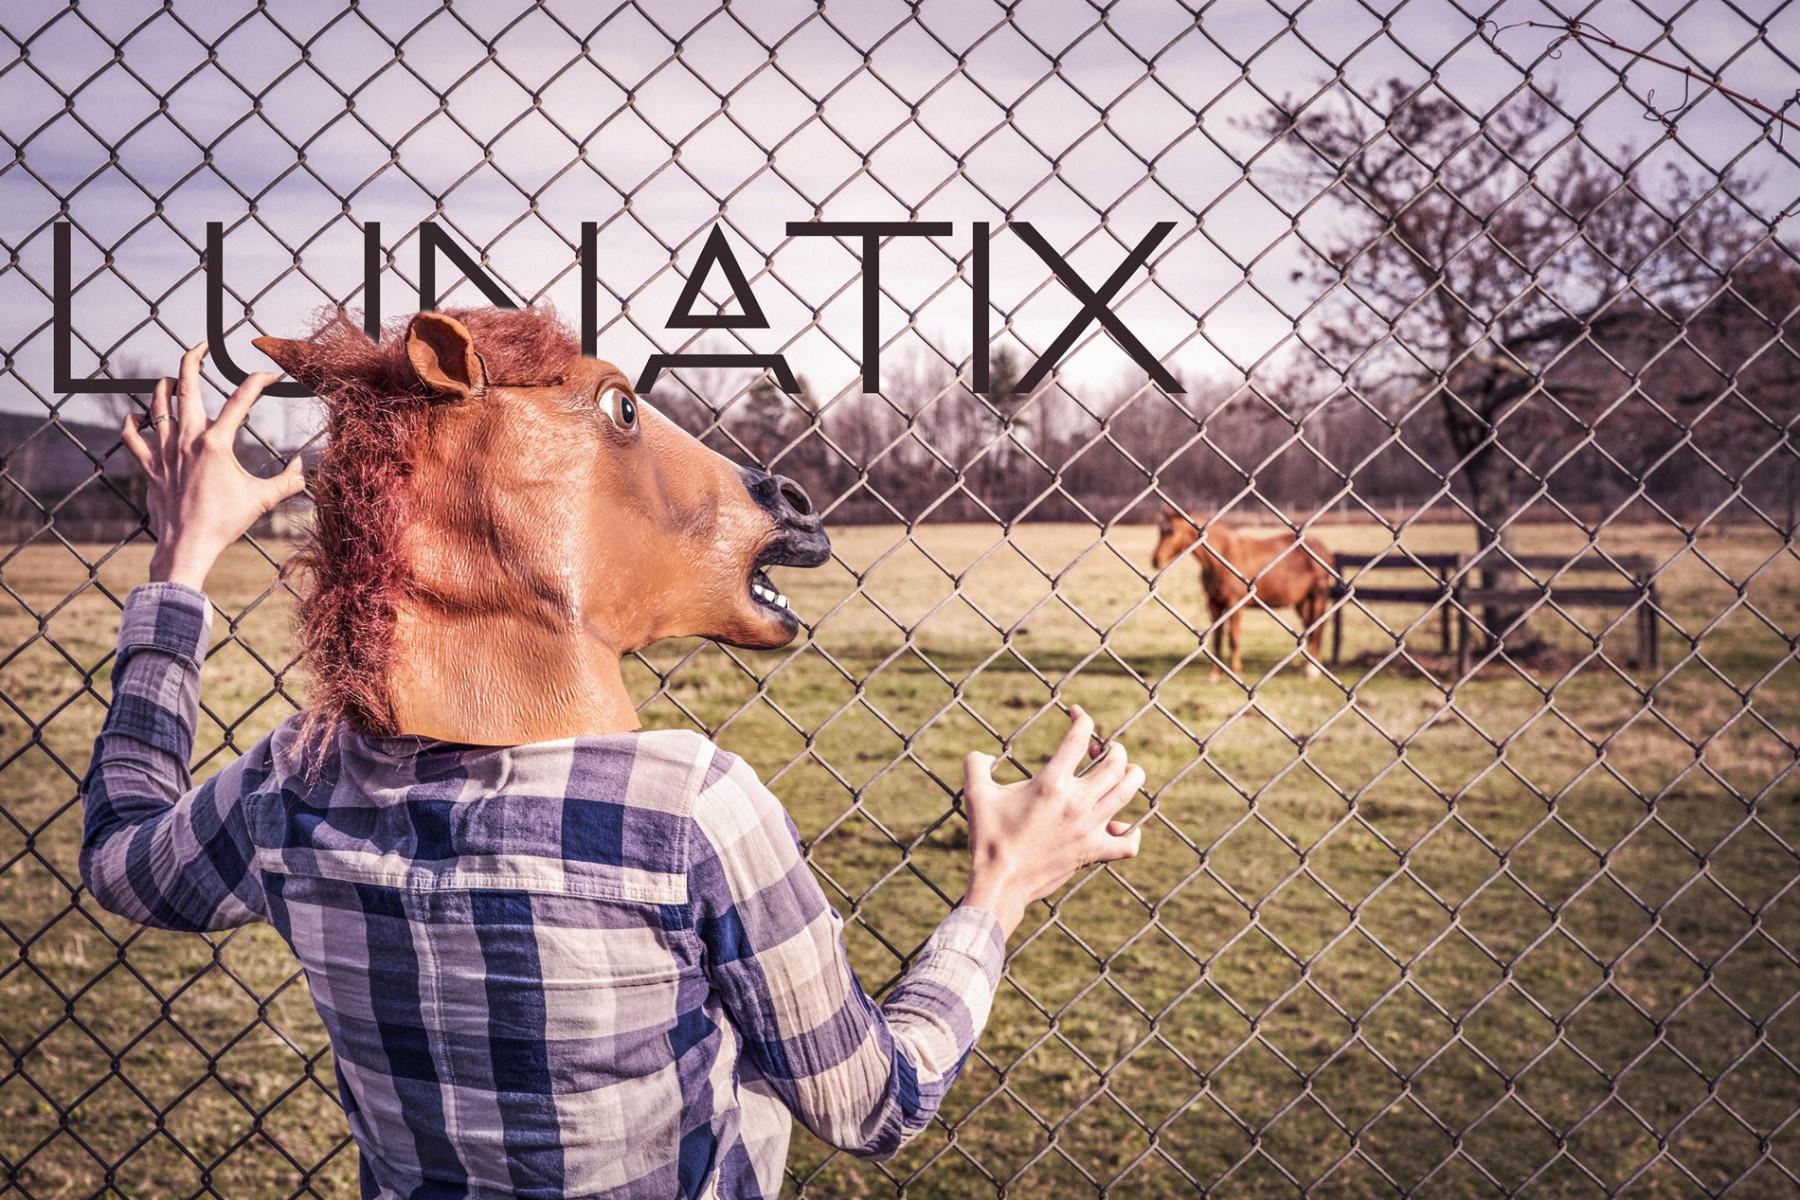 Lunatix Team